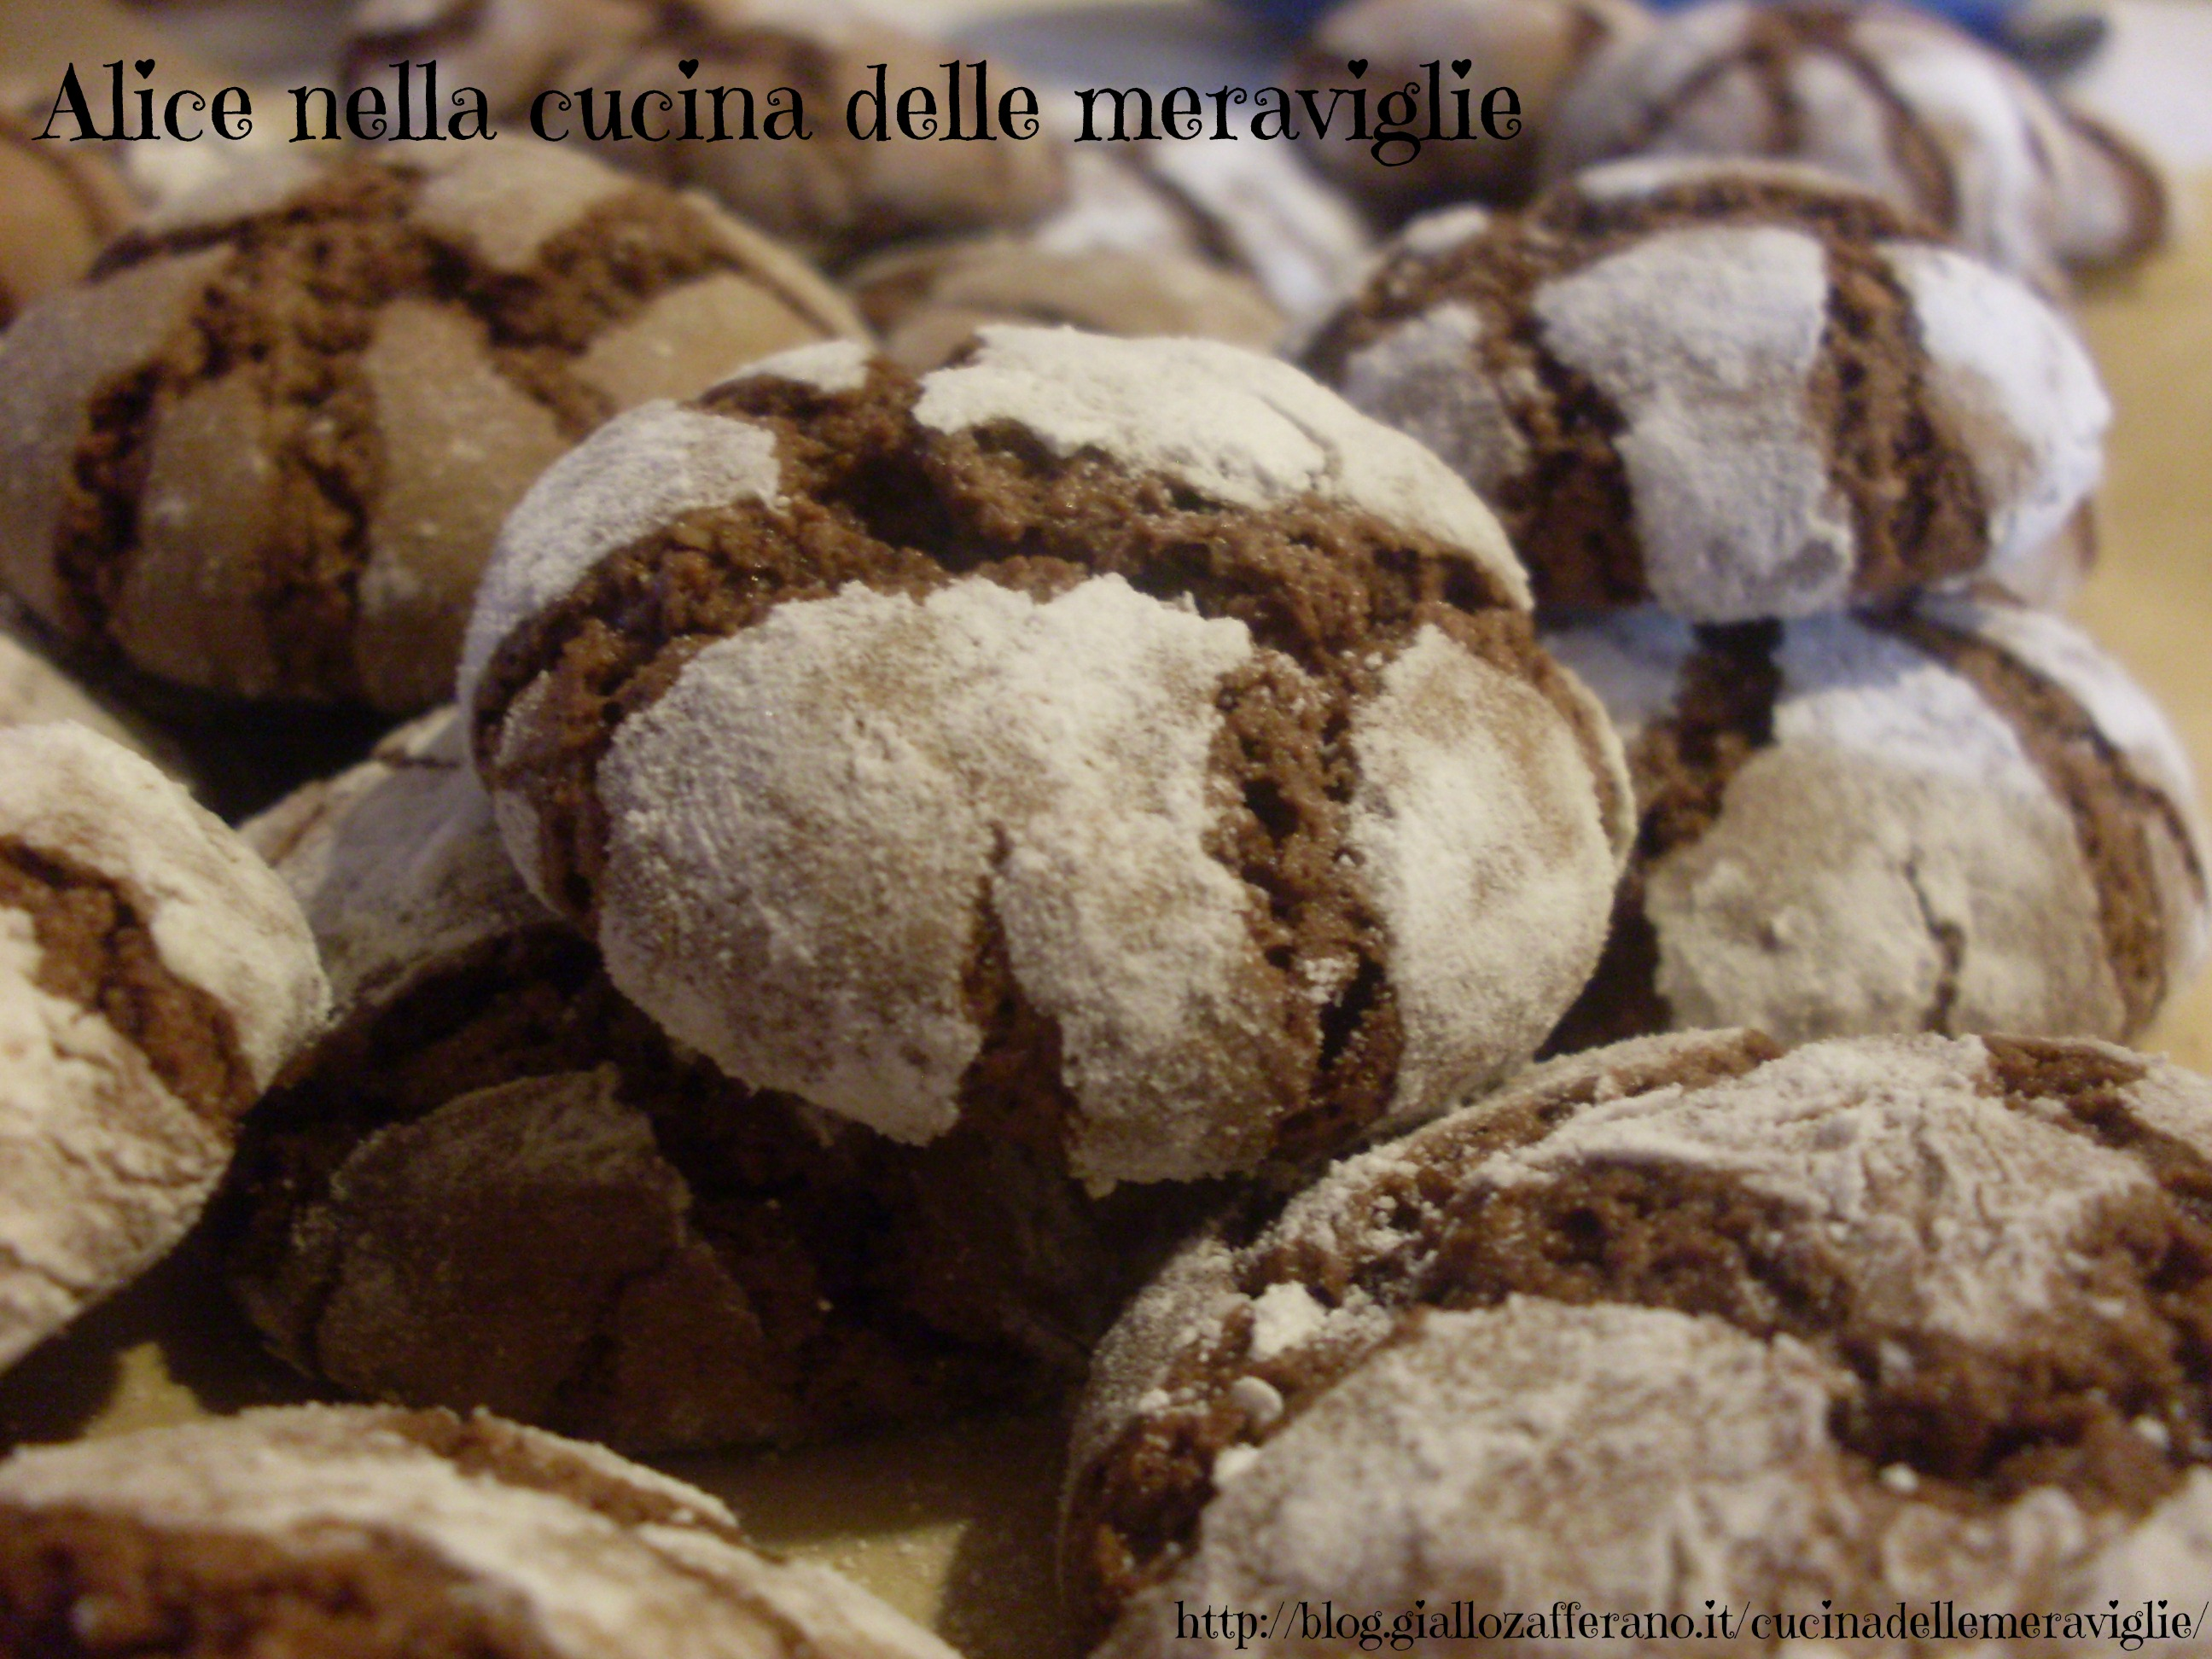 Biscotti al cioccolato e nocciole Ricetta dolce Alice nella cucina delle meraviglie